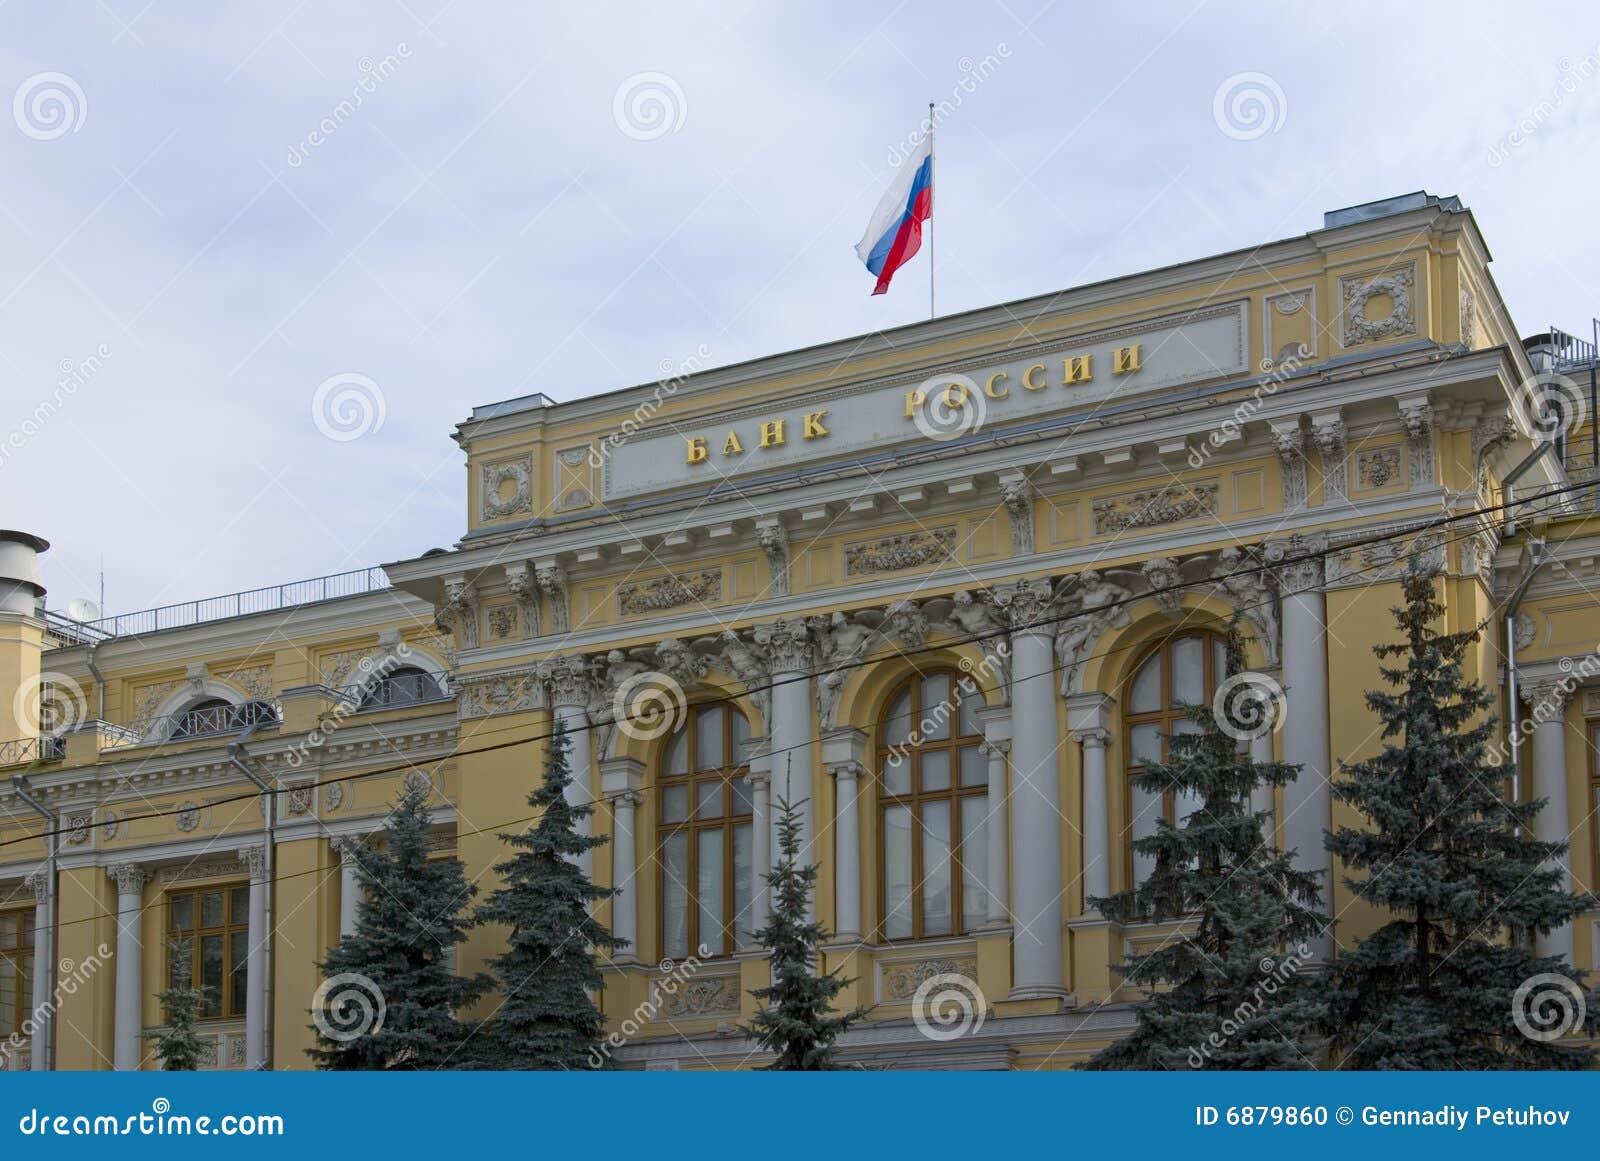 The central bank of russia - 1e13e